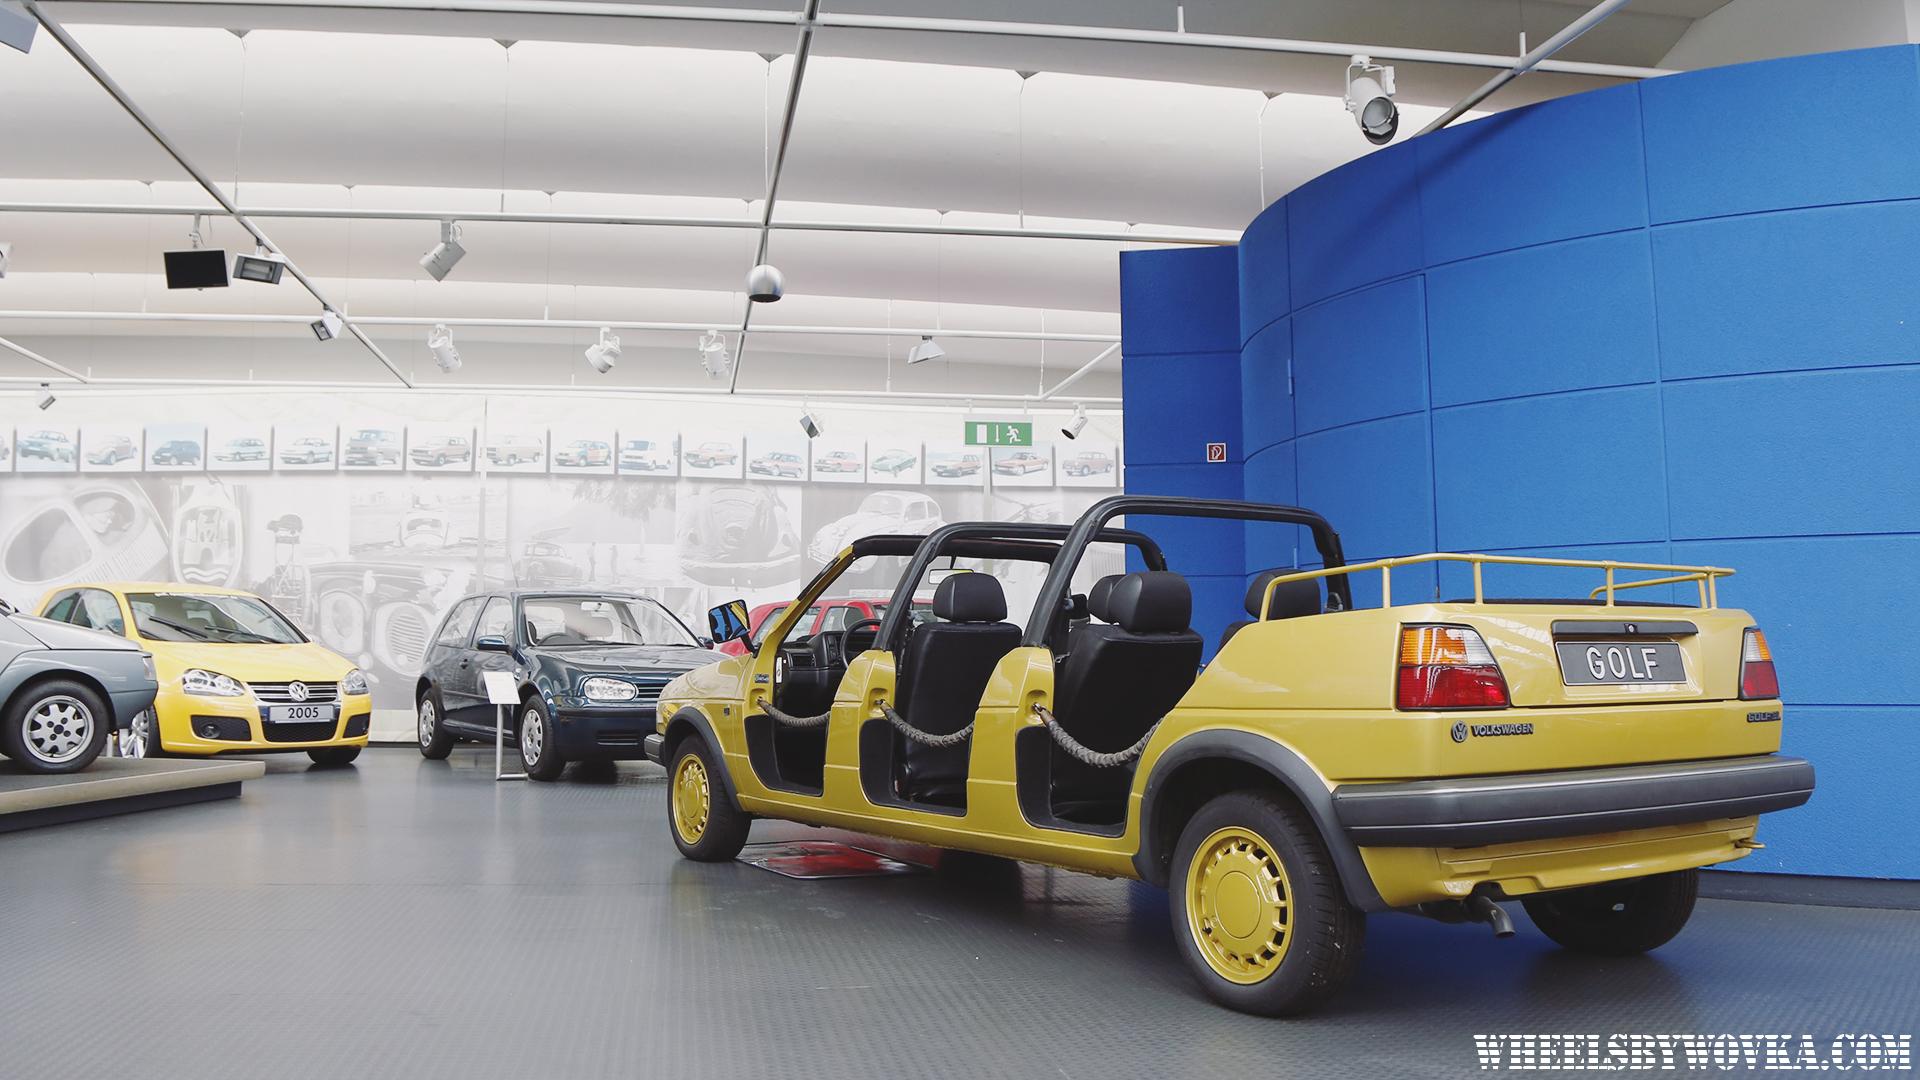 volkswagen-vw-museum-wolfsbourg-tour-by-wheelsbywovka-31